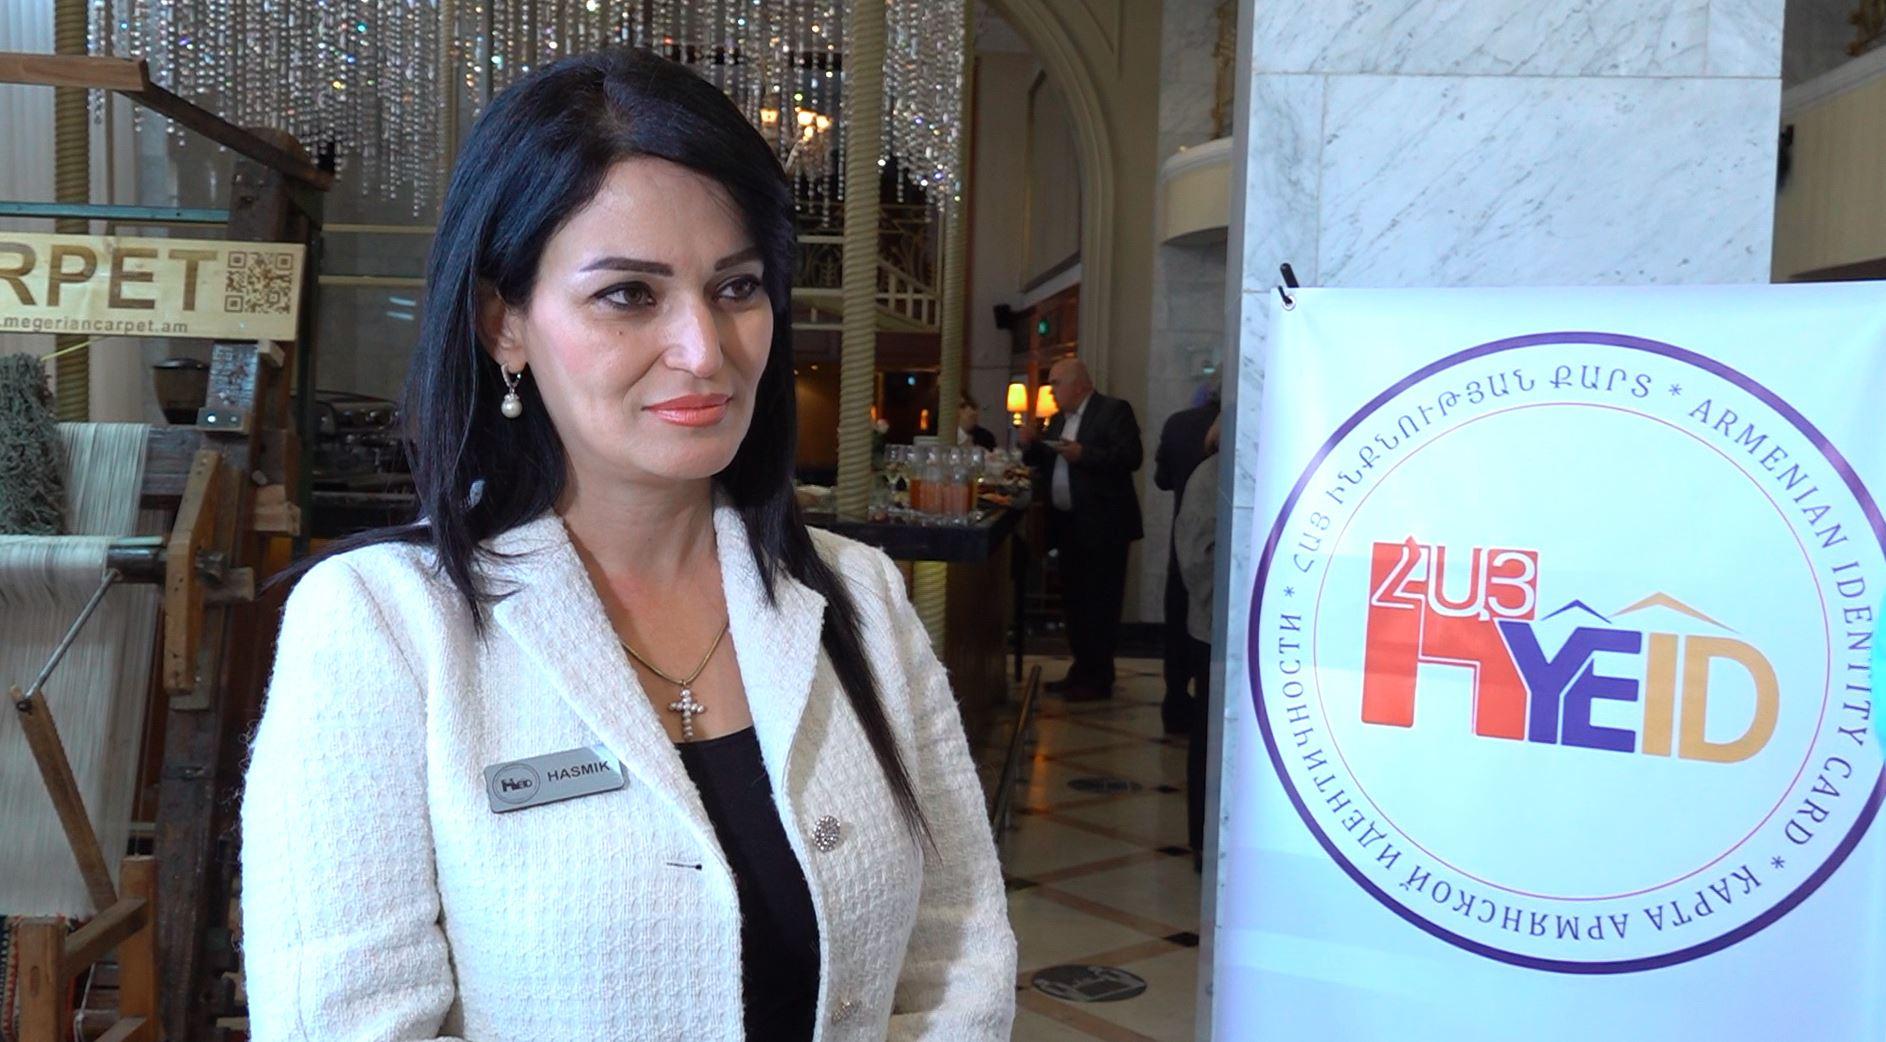 Միավորել աշխարհի հայերին՝ մեկ հարթակում. Երևանում բացվեց HyeID-ի գրասենյակը (տեսանյութ)